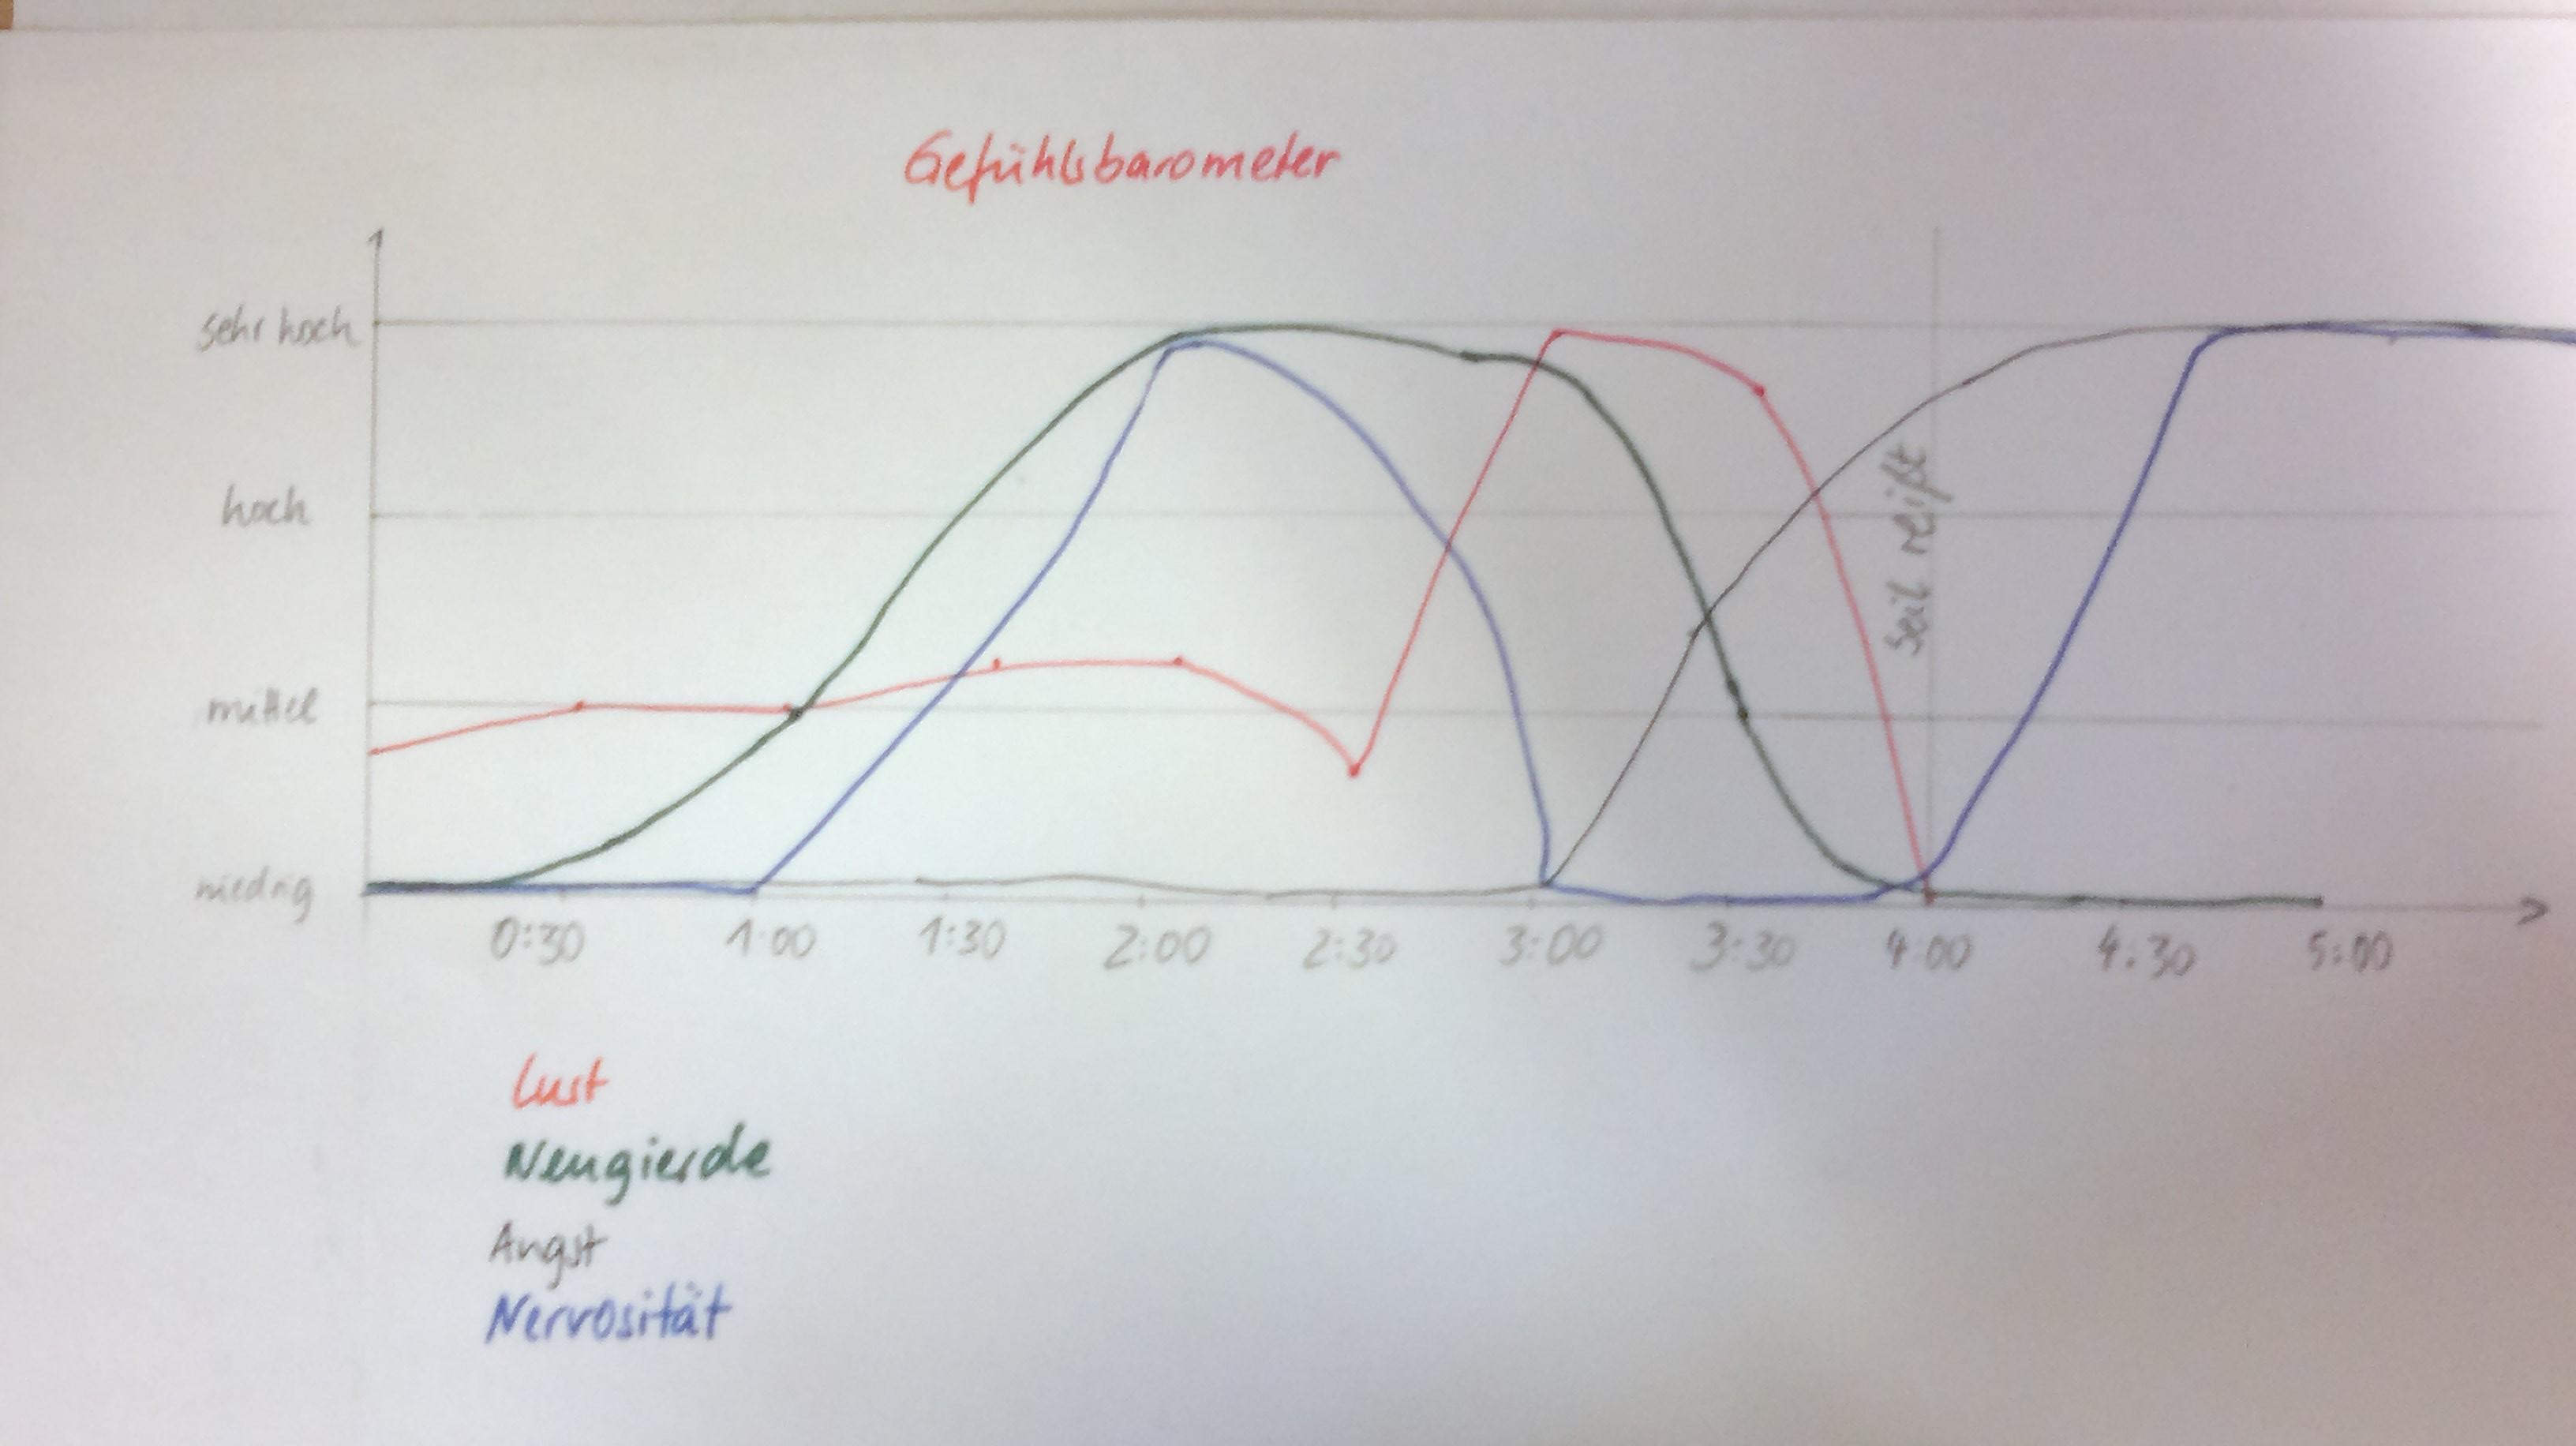 Beispiel eines Gefühlsbarometers